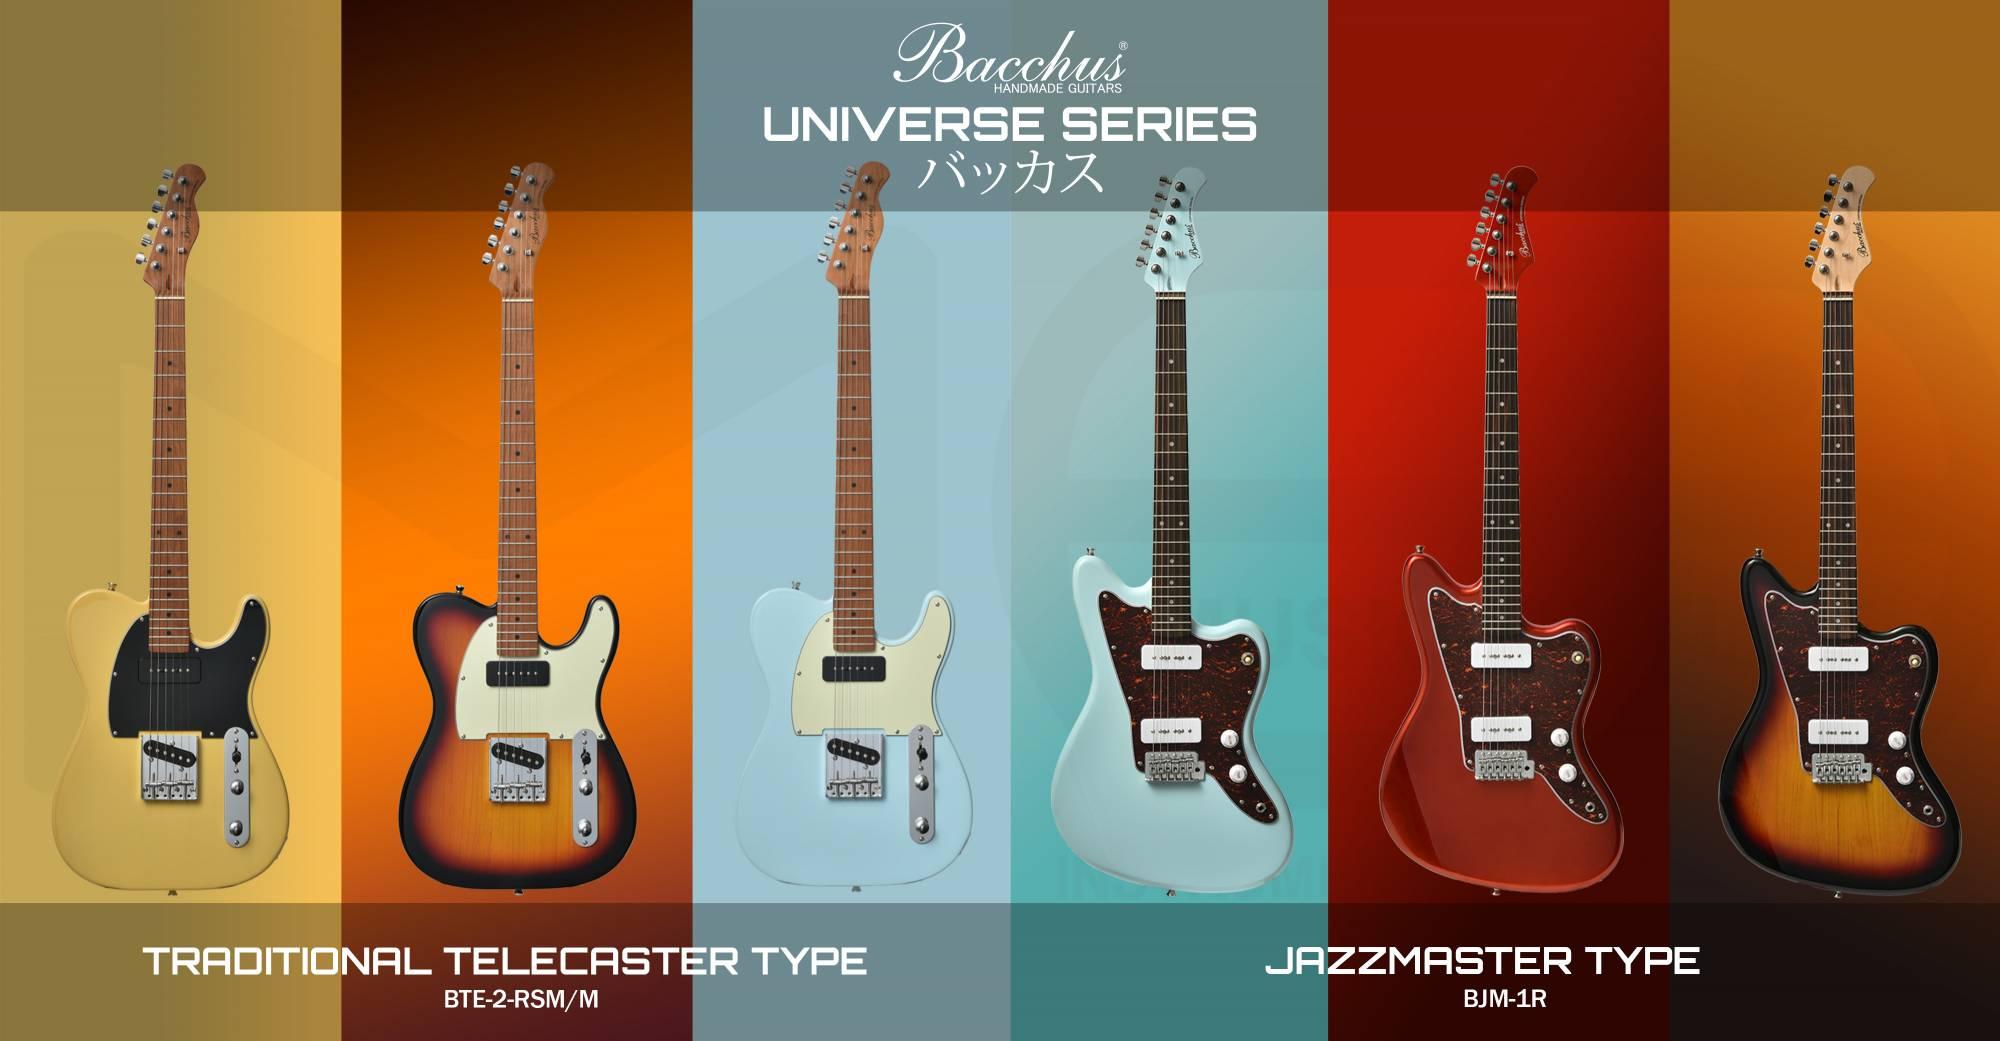 Bacchus Universe Electric Guitar